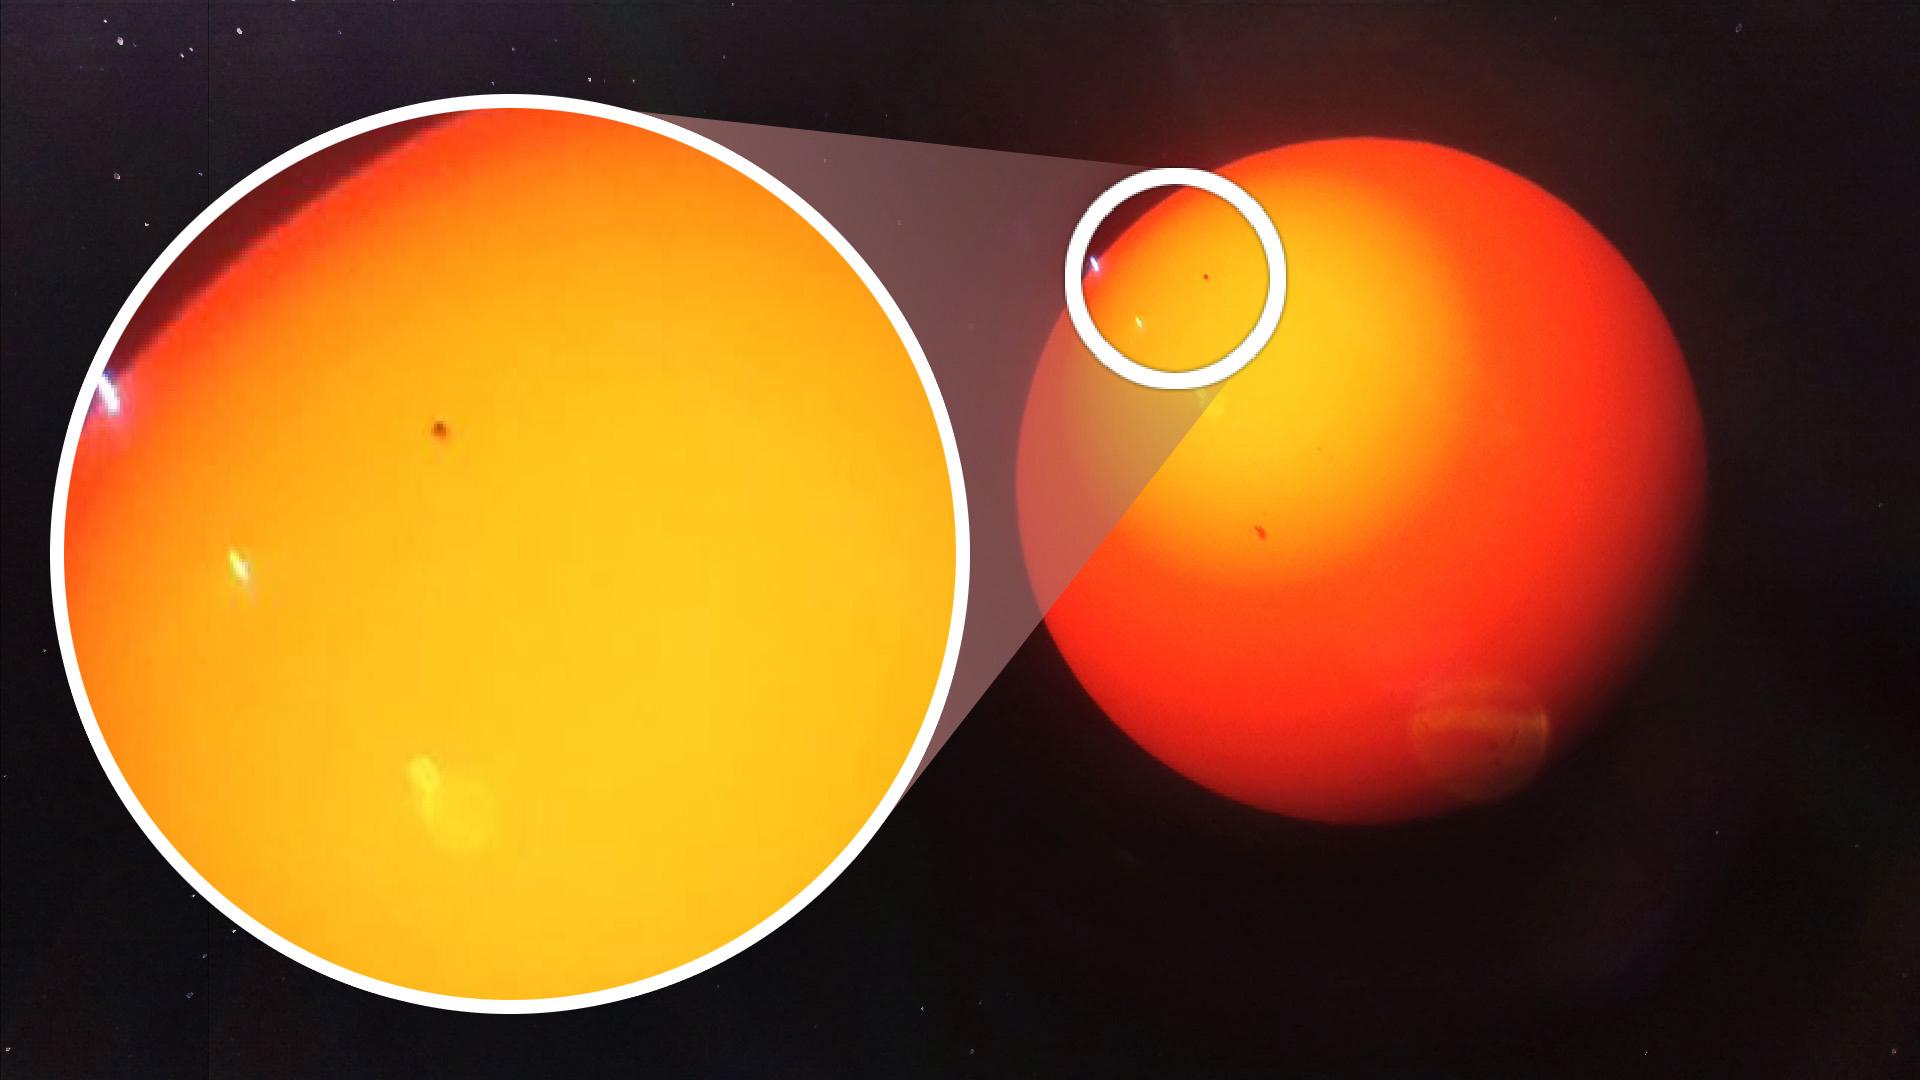 Mercurius schuift voor de zon vanmiddag te zien bij sterrenwacht in nijverdal - Doek voor de zon ...